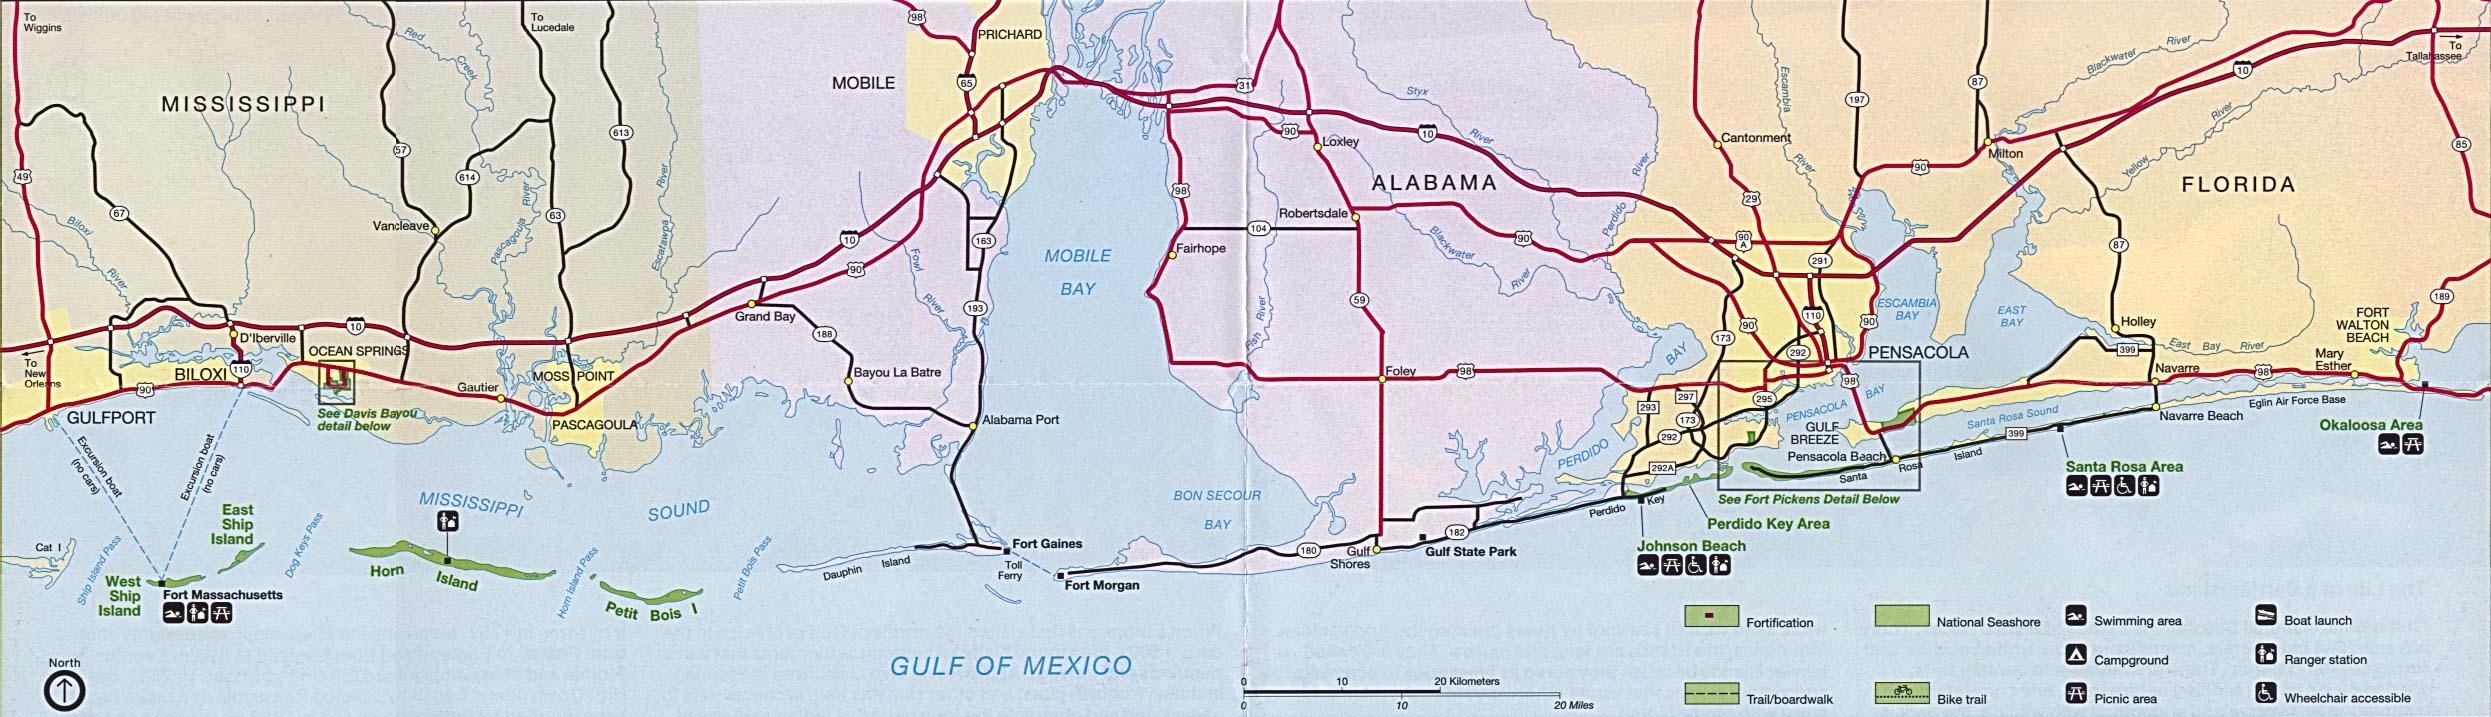 Mapa de las Características de la Región del Golfo de México, Misisipi / Alabama / Florida, Estados Unidos